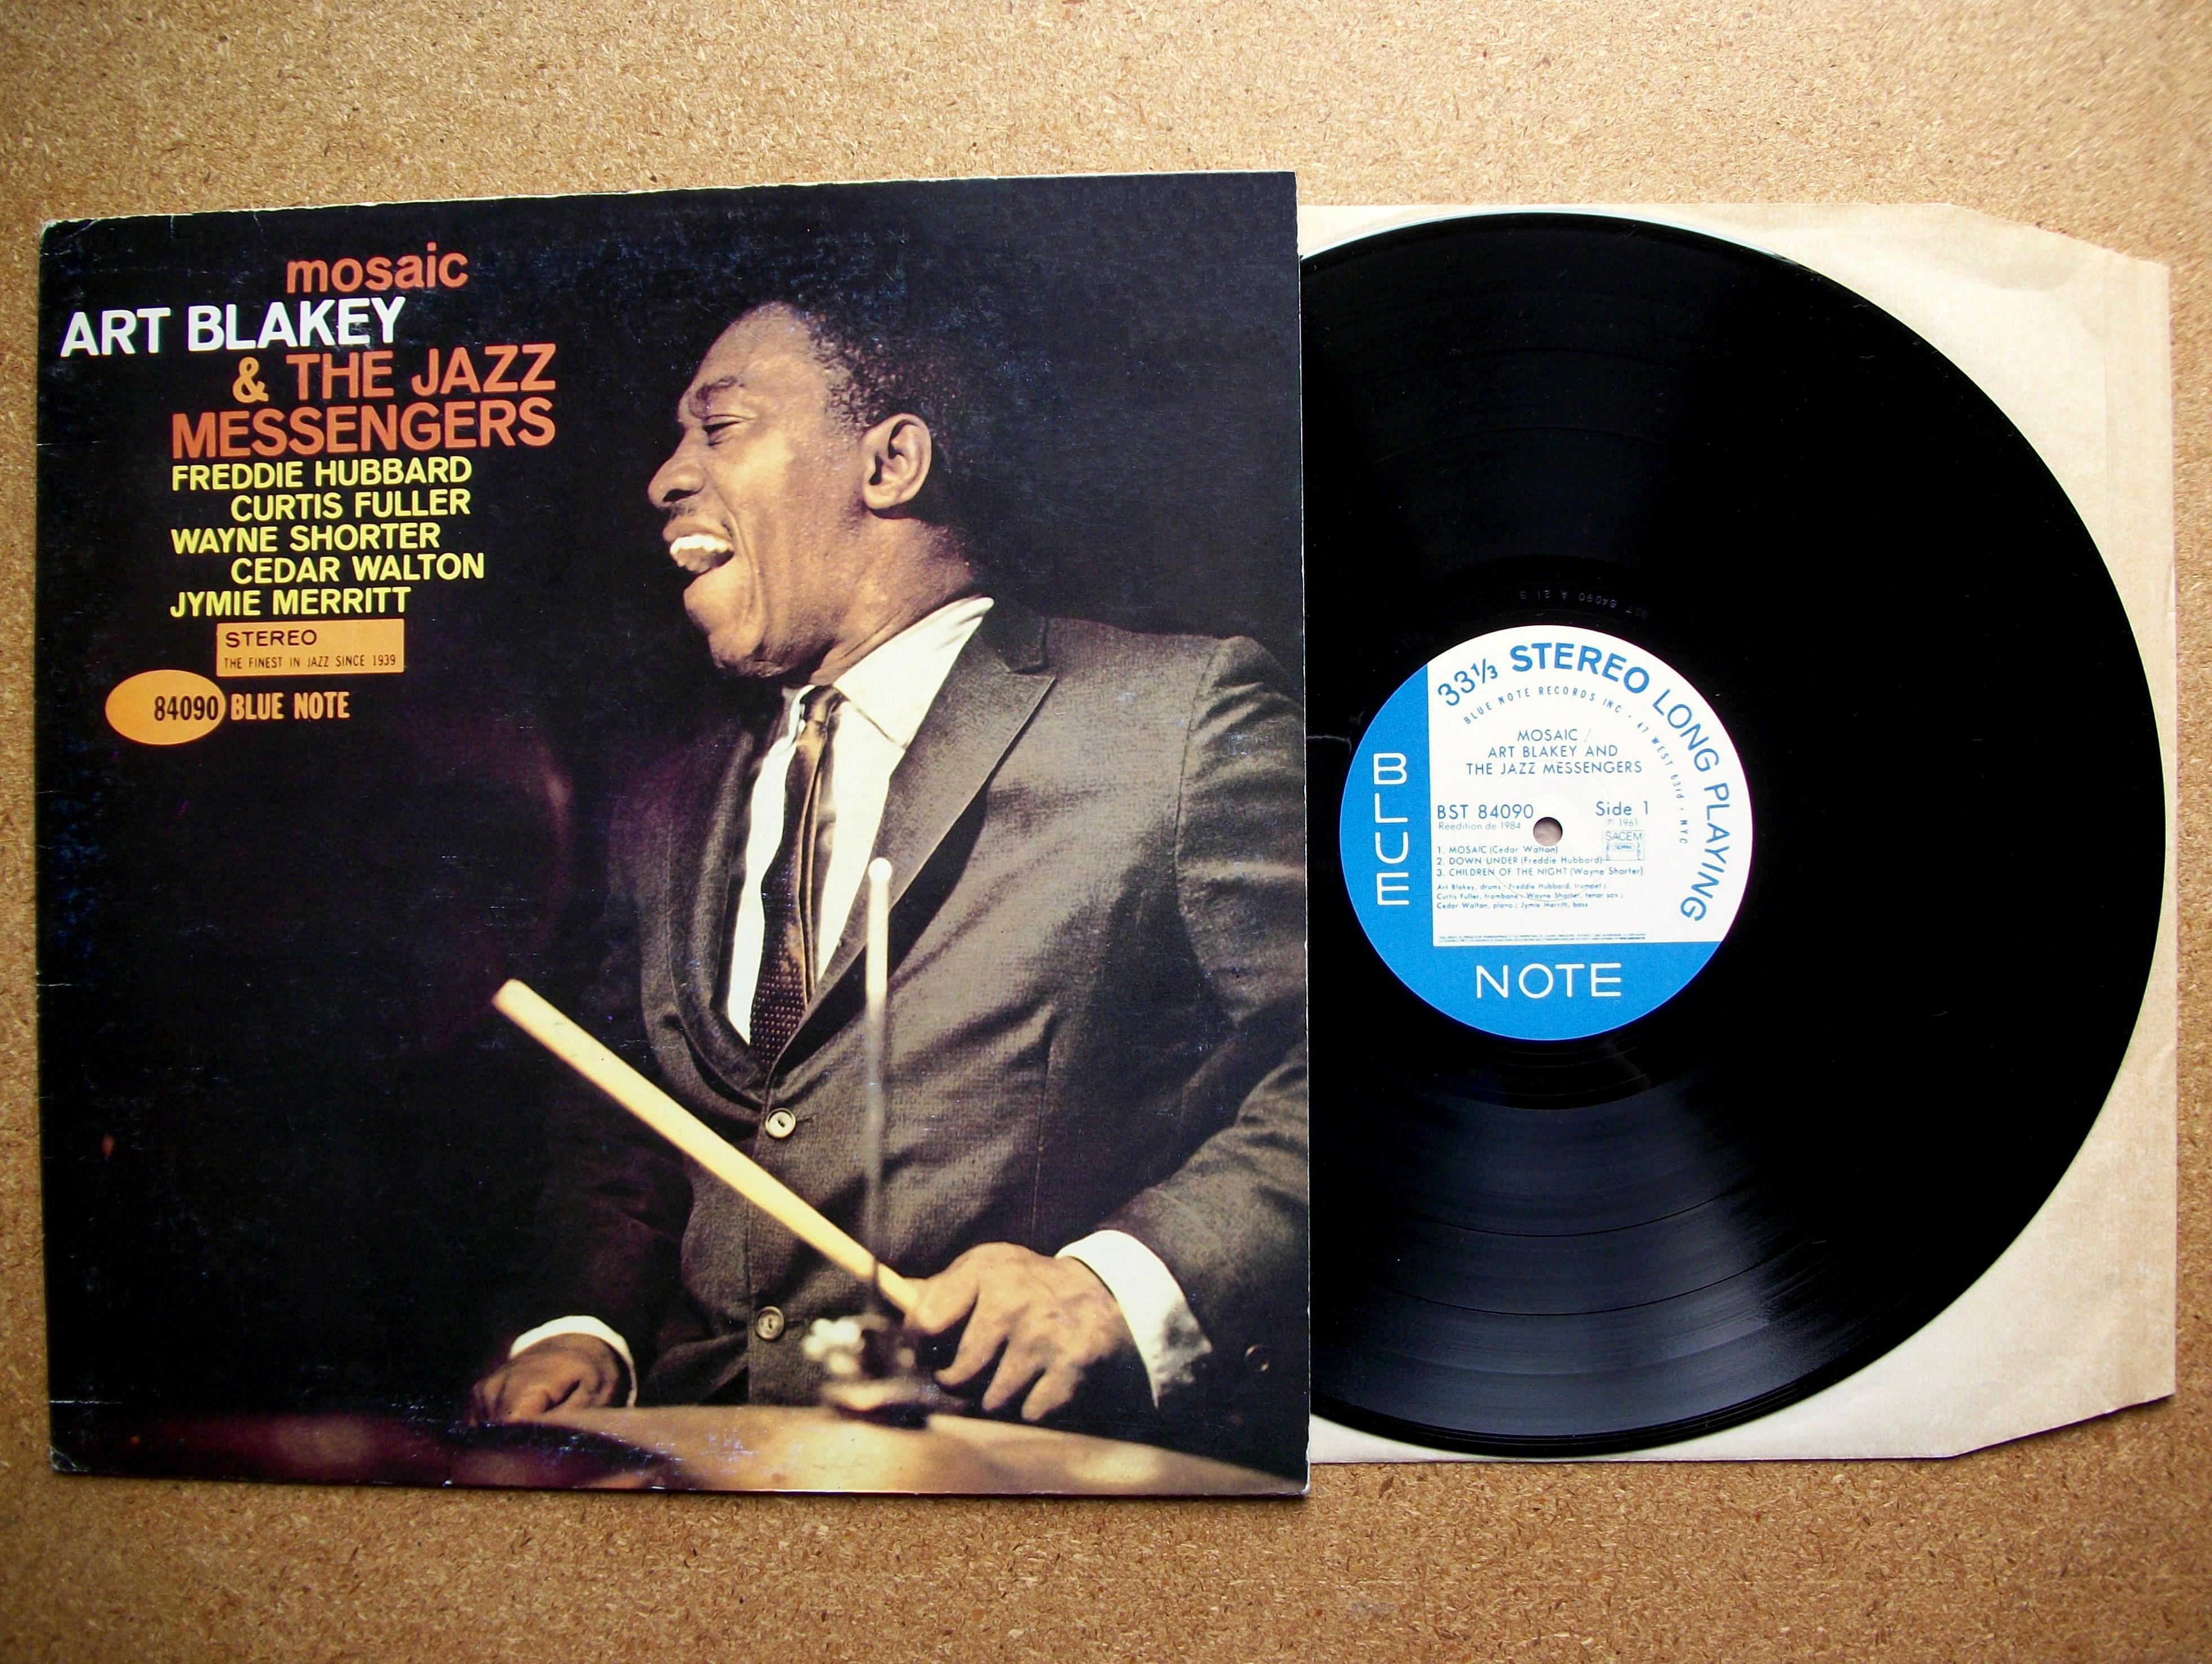 Art Blakey And The Jazz Messengers Art Blakey And The Jazz Messengers